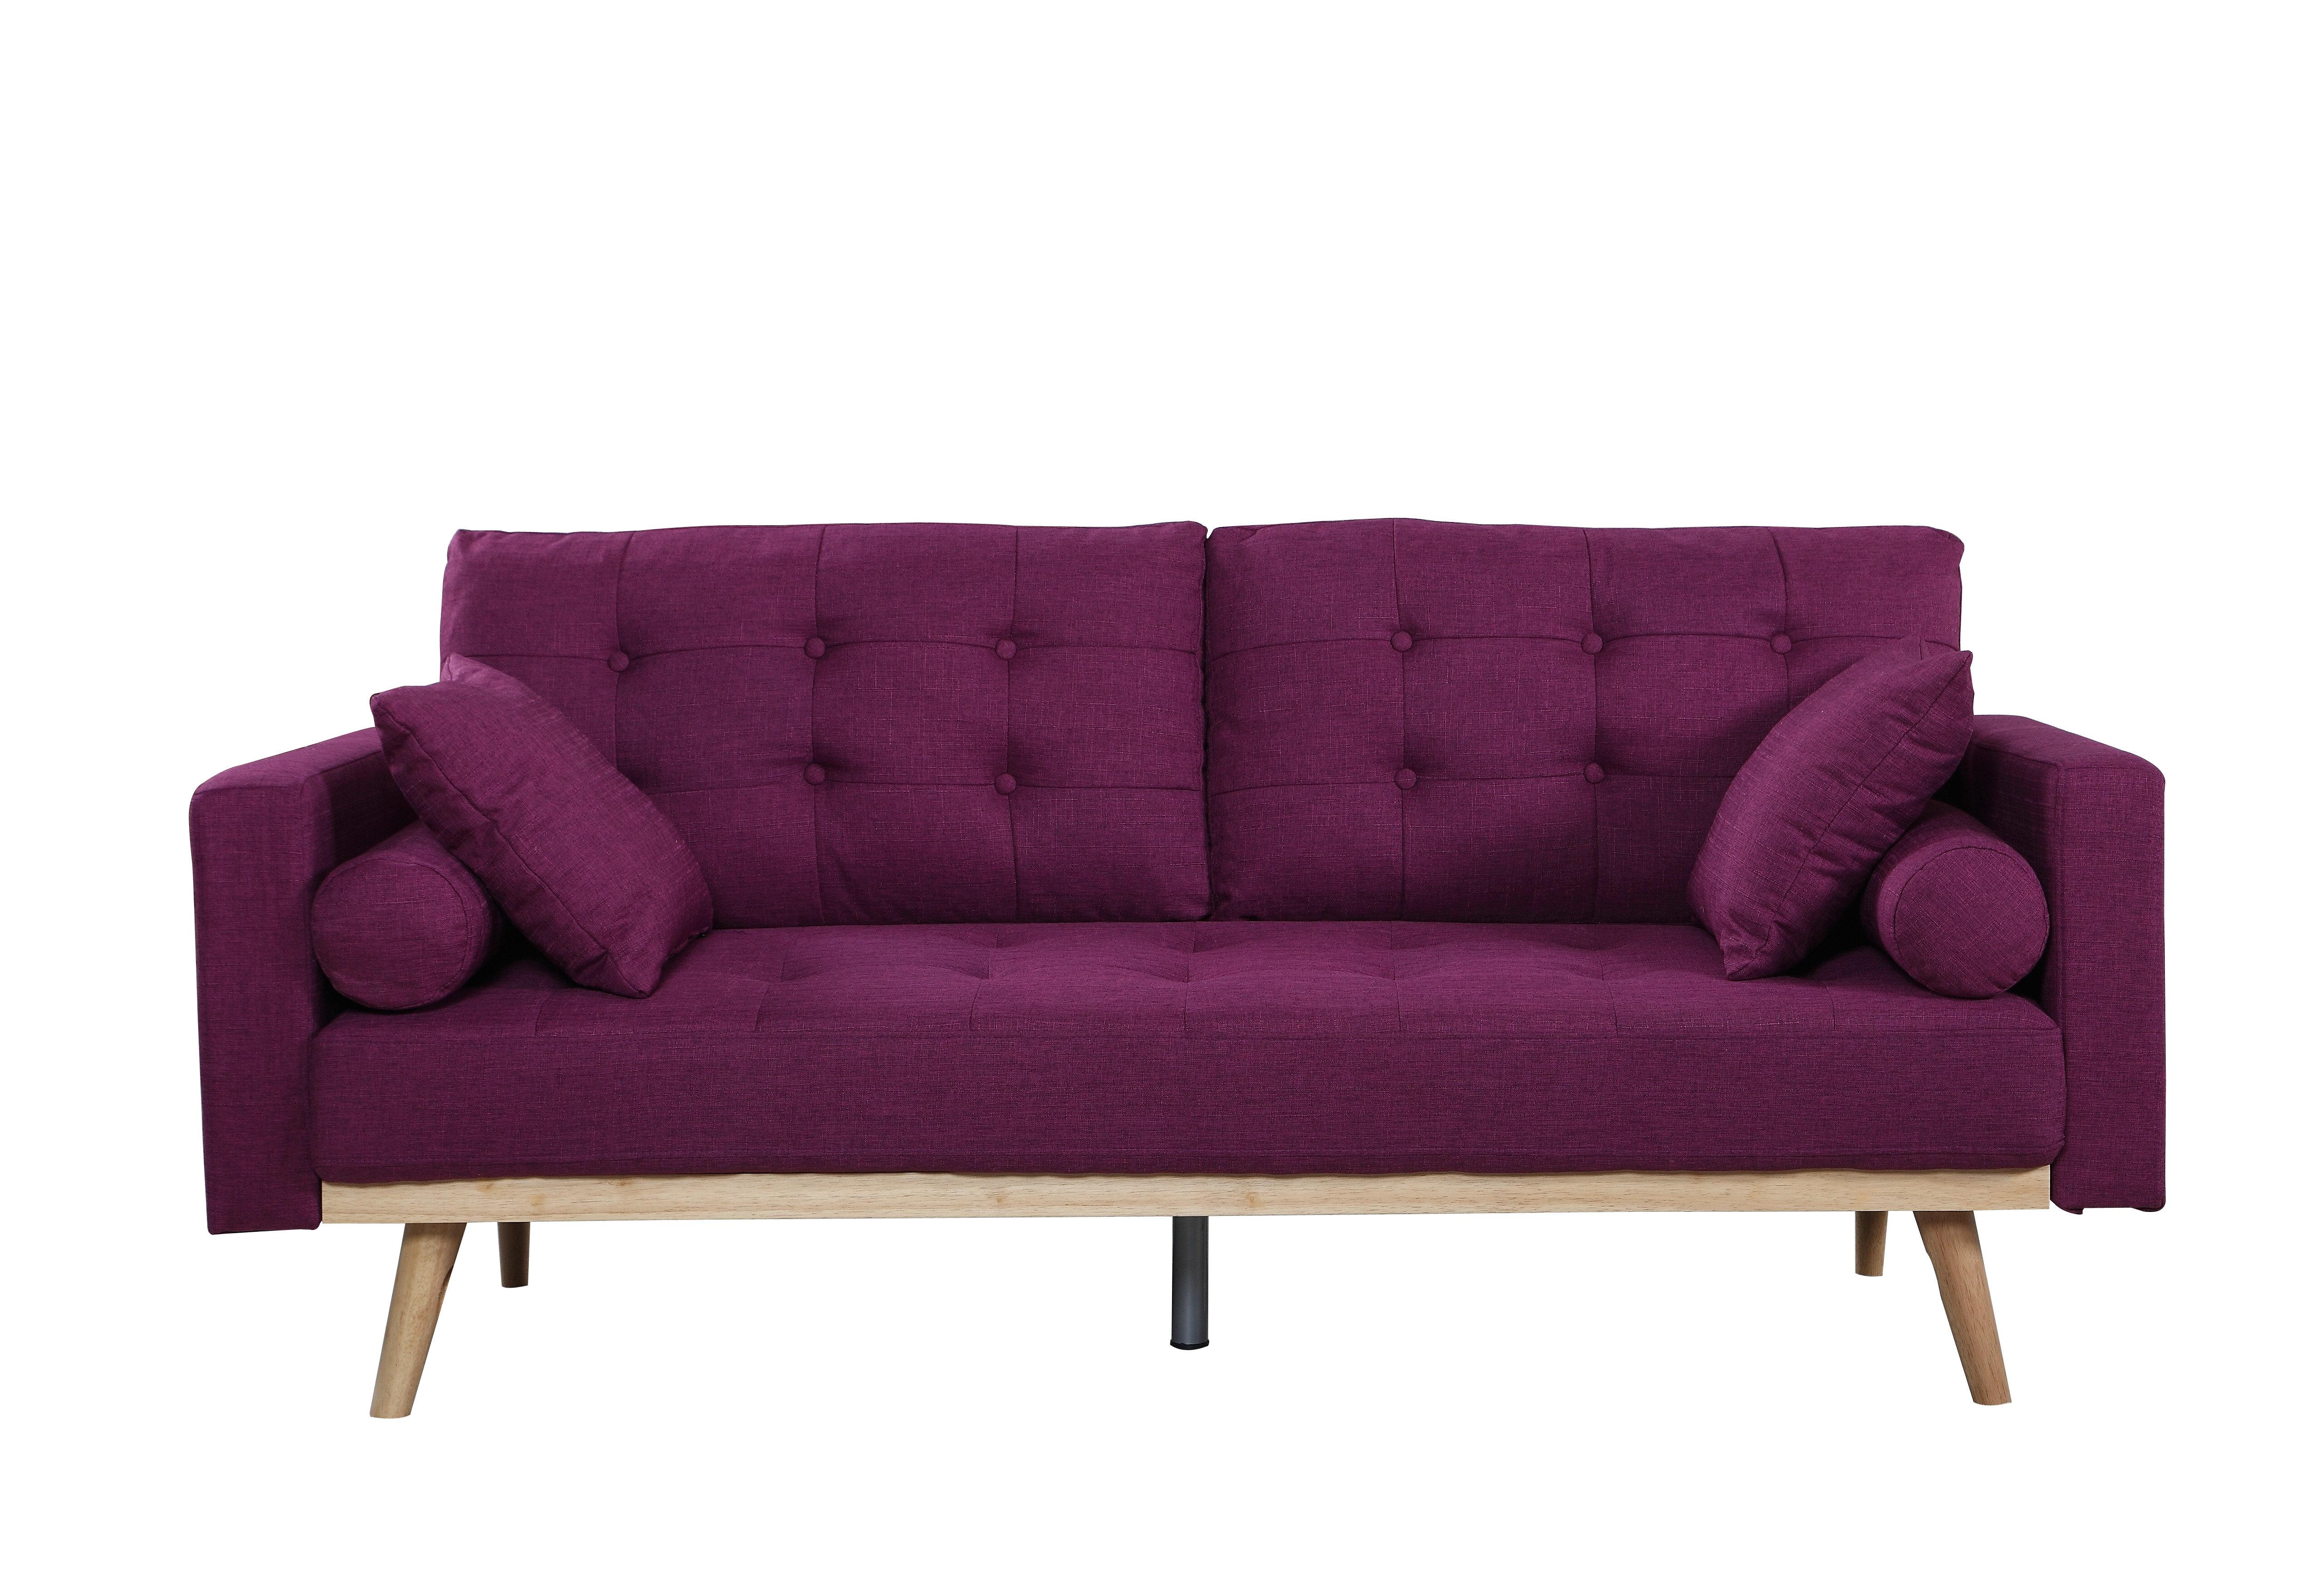 Chester Sofa Kenya Baci Living Room